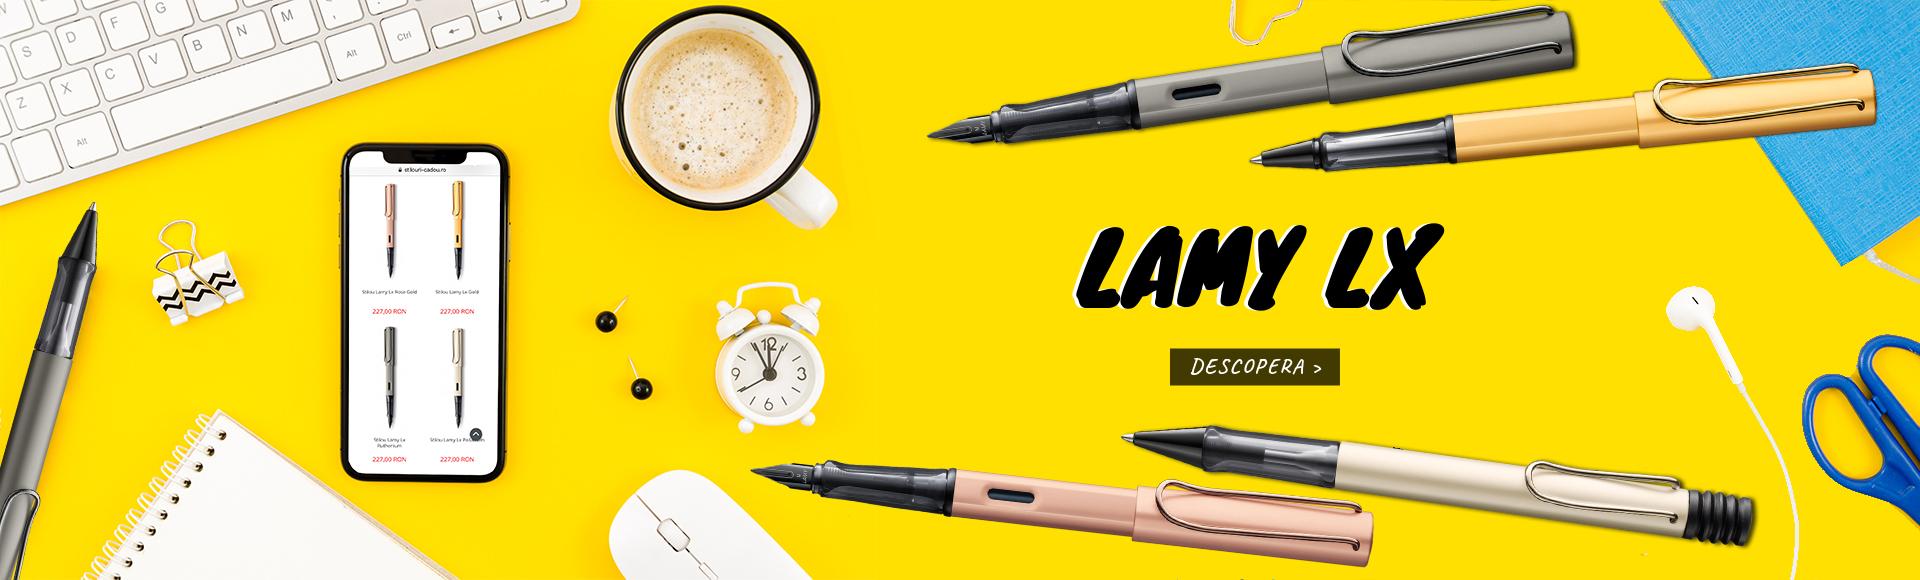 Lamy LX